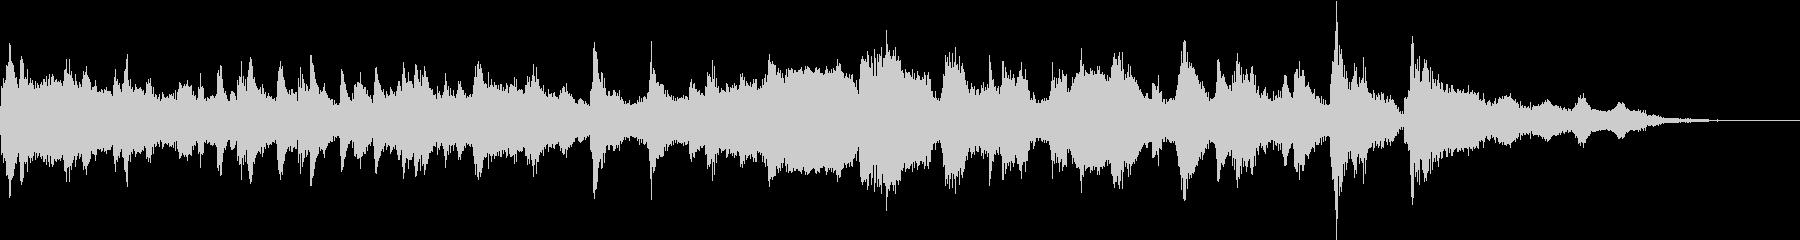 サルーンタグの未再生の波形